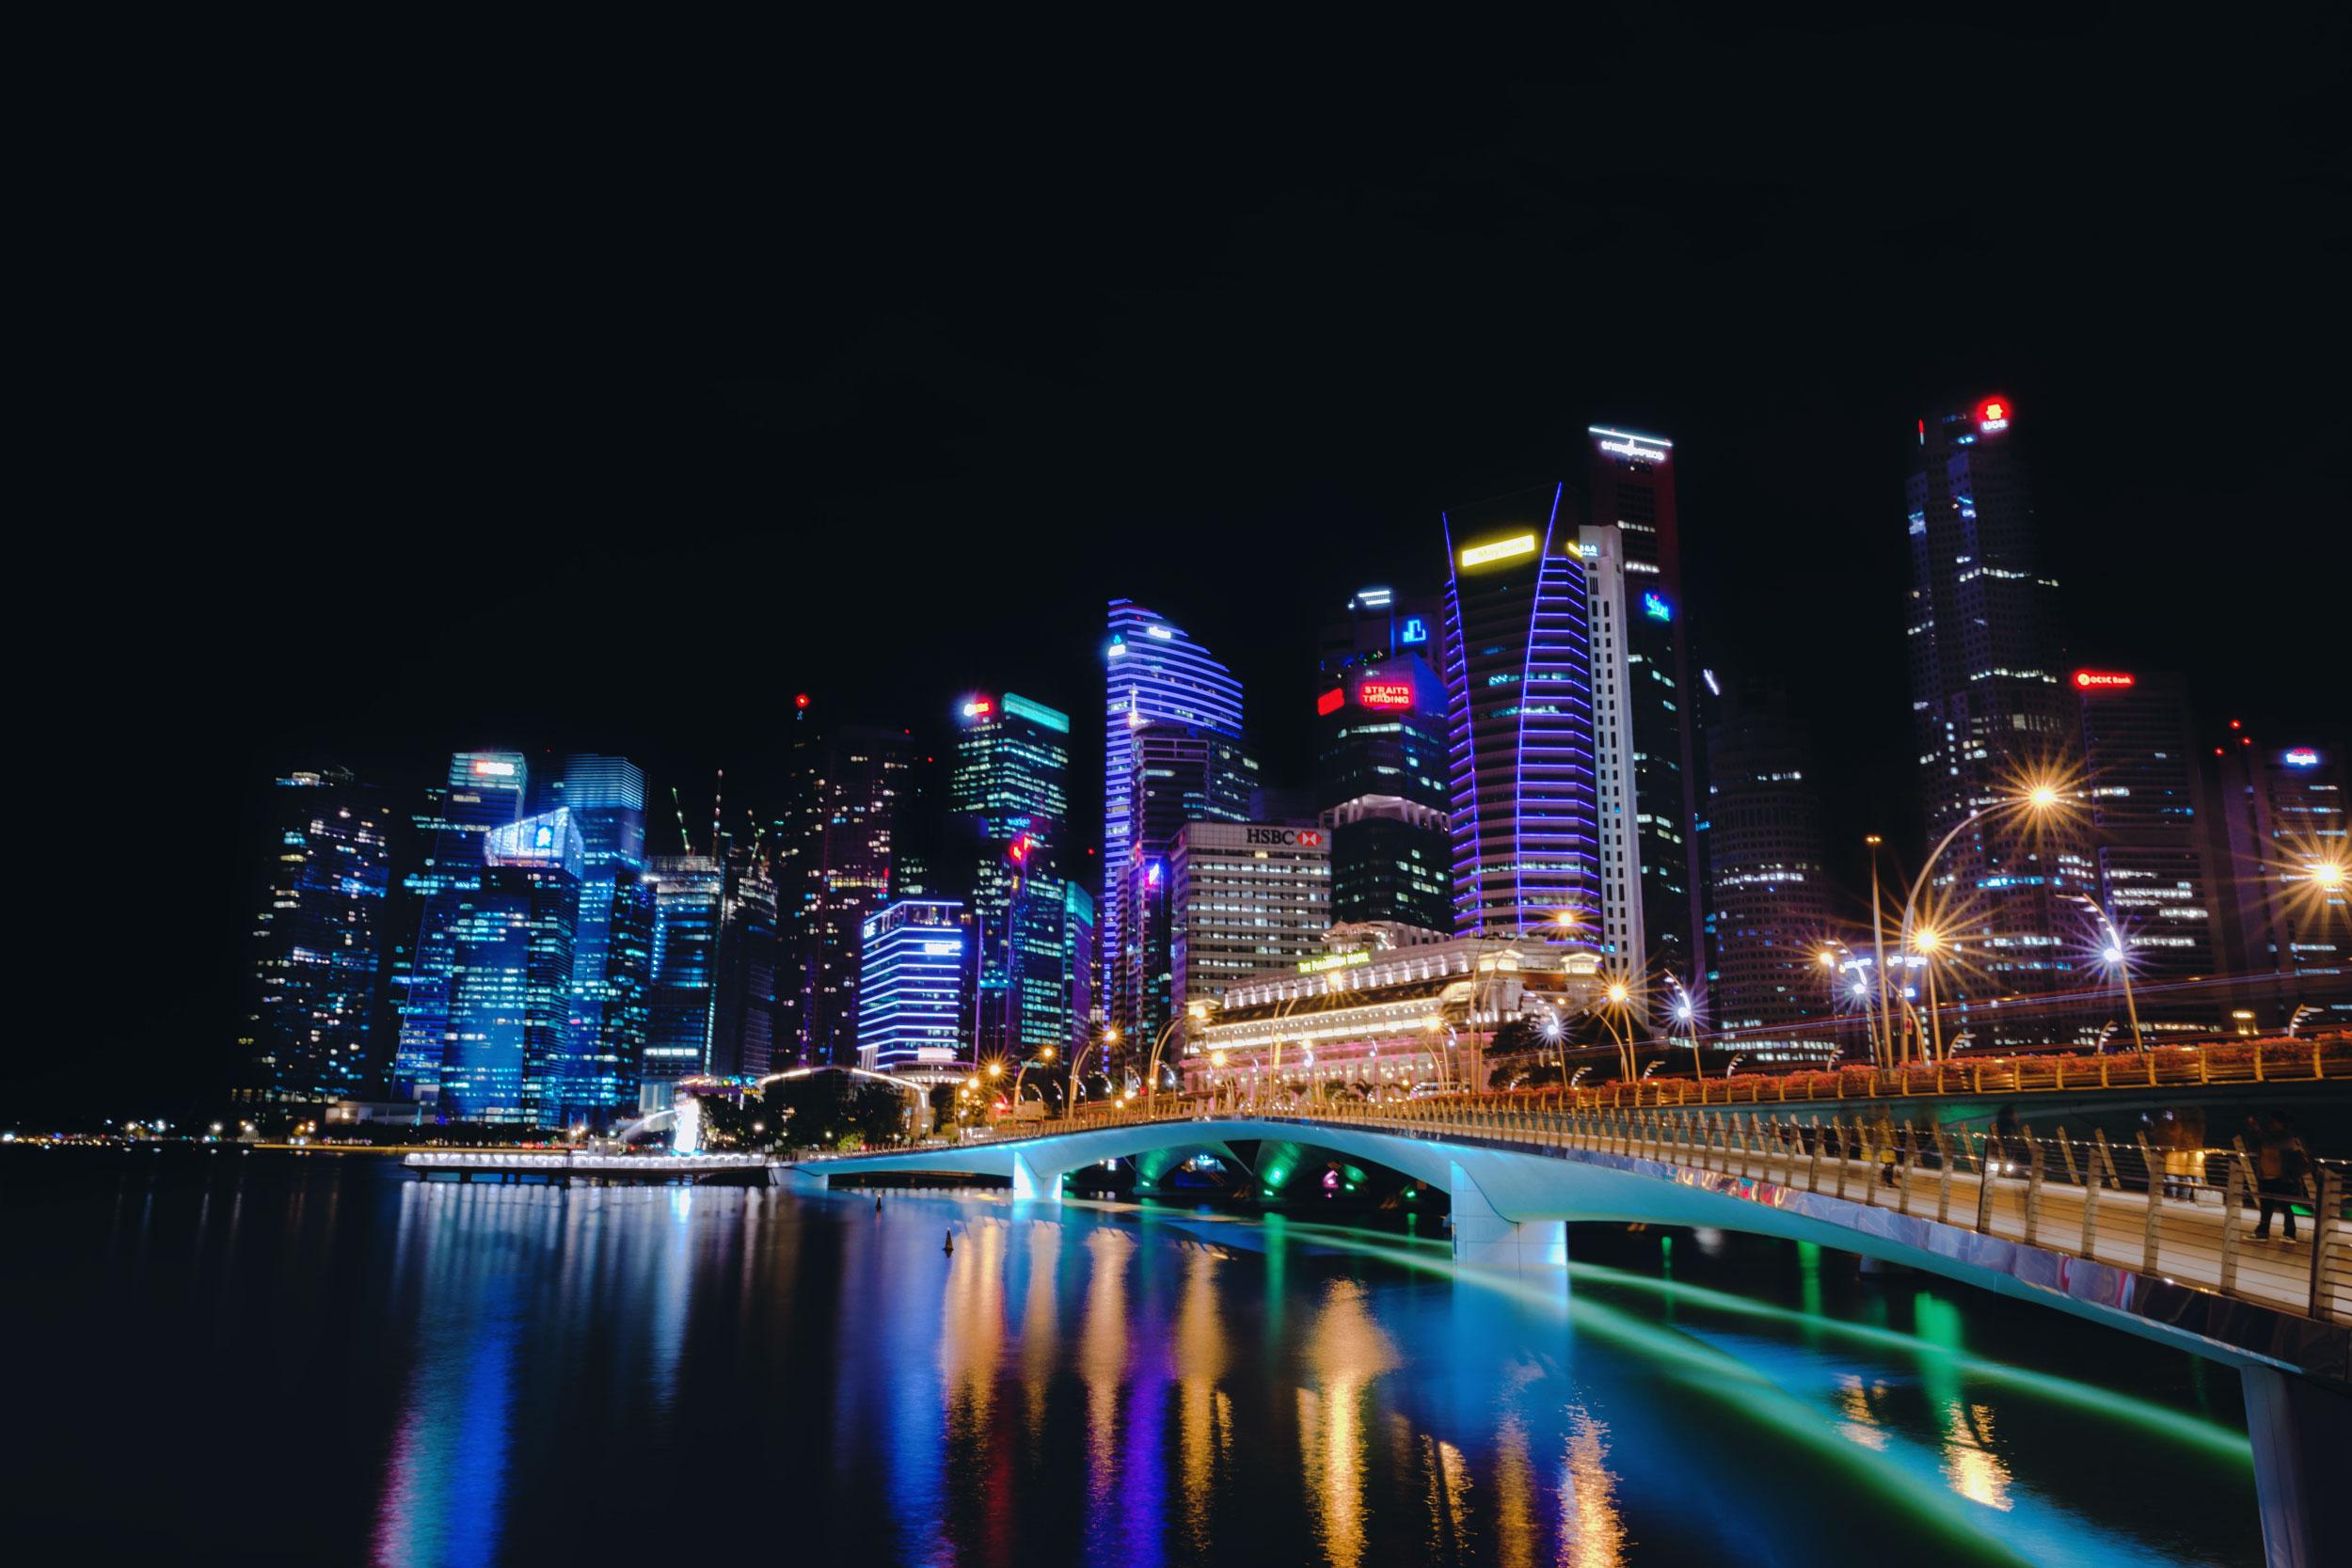 Downtown Singapore skyline at night